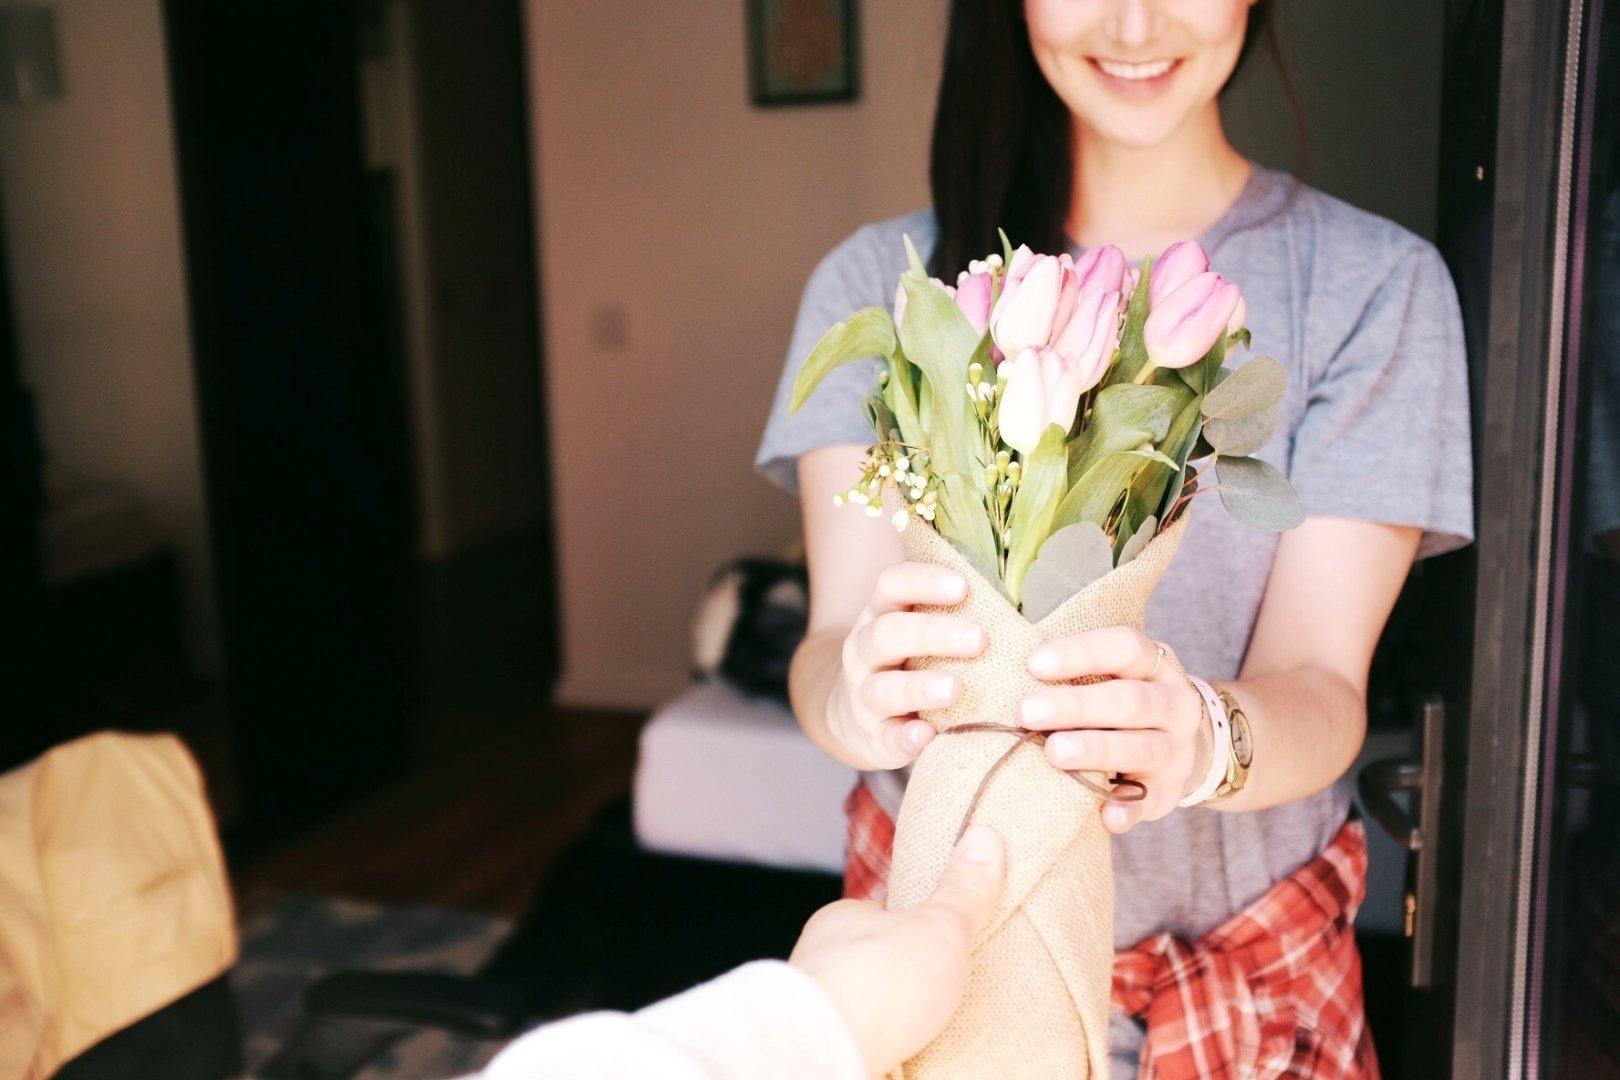 Dziewczyna dostaje tulipany